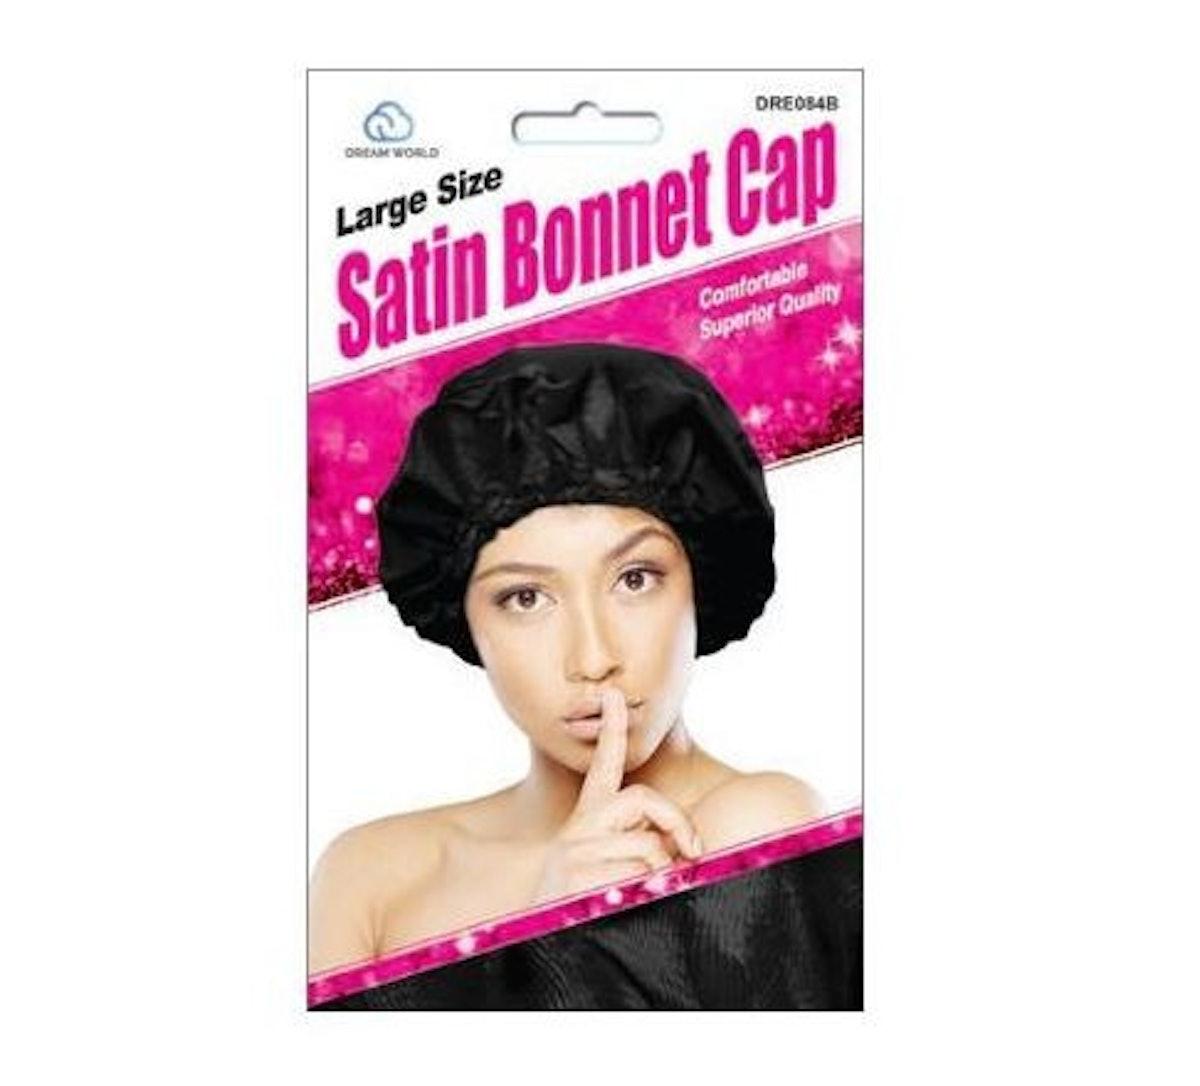 Large Size Satin Bonnet